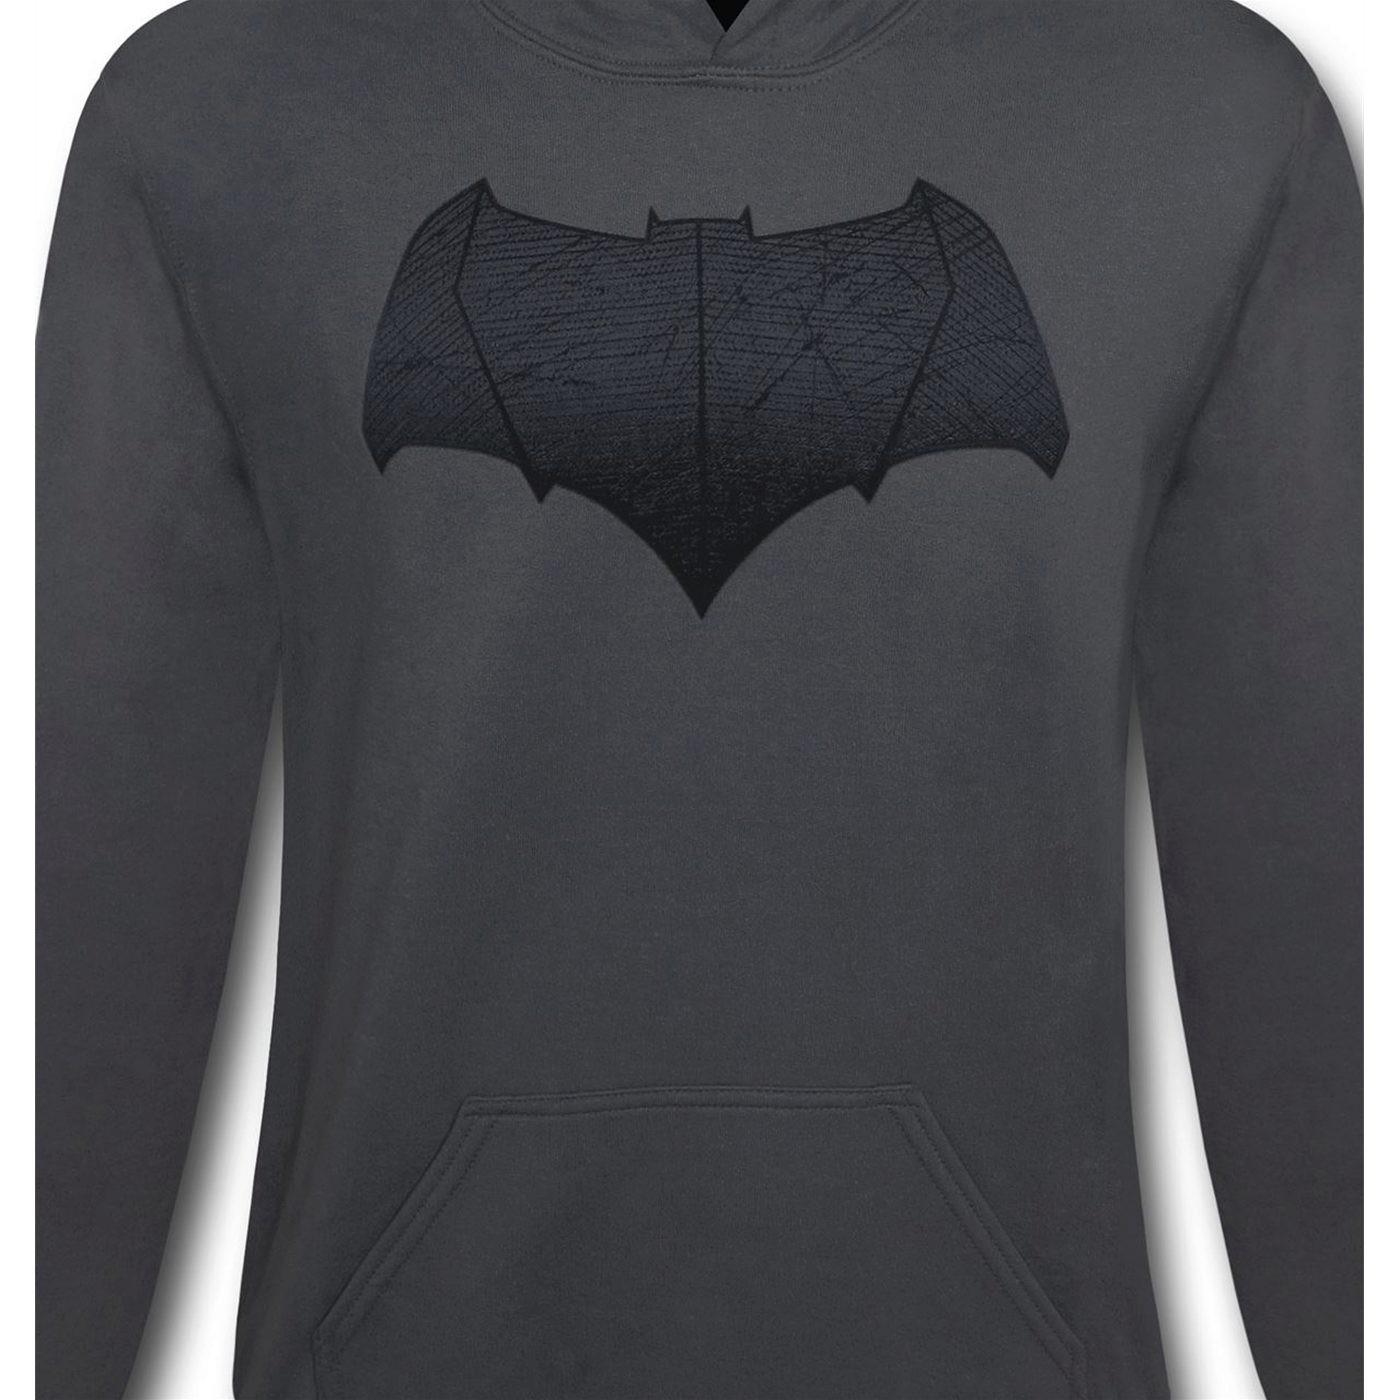 Batman Vs Superman Batman Symbol Hoodie